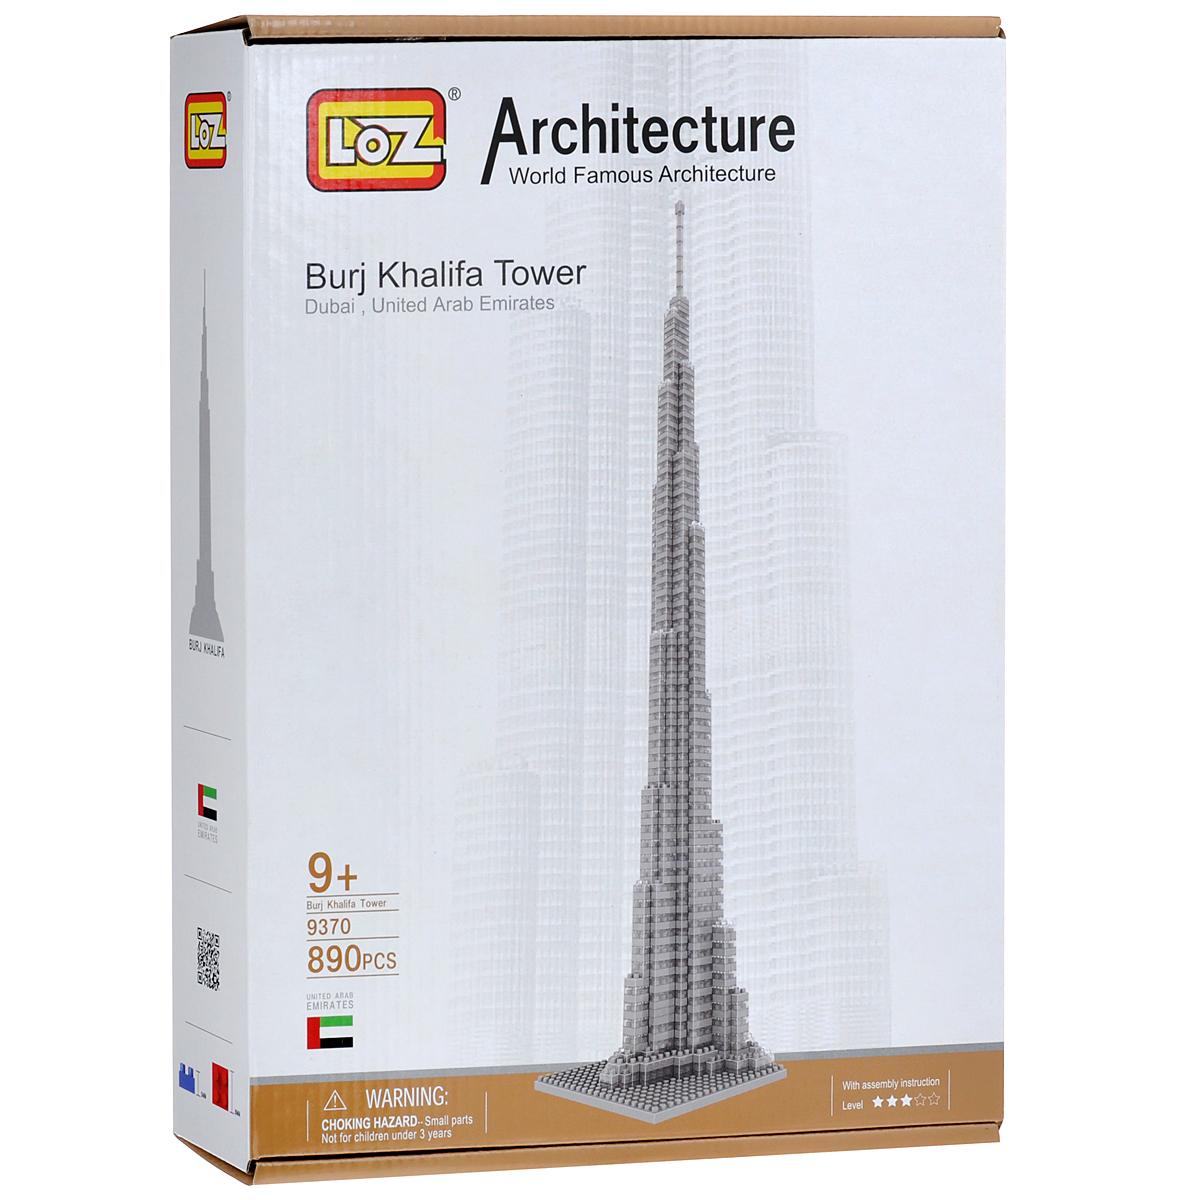 Loztoys Конструктор Башня Бурж Халифа9370Конструктор-макет Башня Бурж Халифа - прекрасный способ провести время увлекательно и с пользой. Комплект включает в себя 890 элементов, из которых вы и ваш ребенок сможете собрать модель башни, которая находится в Дубае. Для сборки модели клей и ножницы не понадобятся. Элементы оснащены пазами для легкого соединения. В комплект входит схематичная инструкция по сборке. Башня Бурж Халифа - небоскреб высотой 829,8 метров в Дубае (163 этажа), самое высокое сооружение в мире. Форма здания напоминает сталагмит. Торжественная церемония открытия состоялась 4 января 2010 года в крупнейшем городе Объединенных Арабских Эмиратов - Дубае.